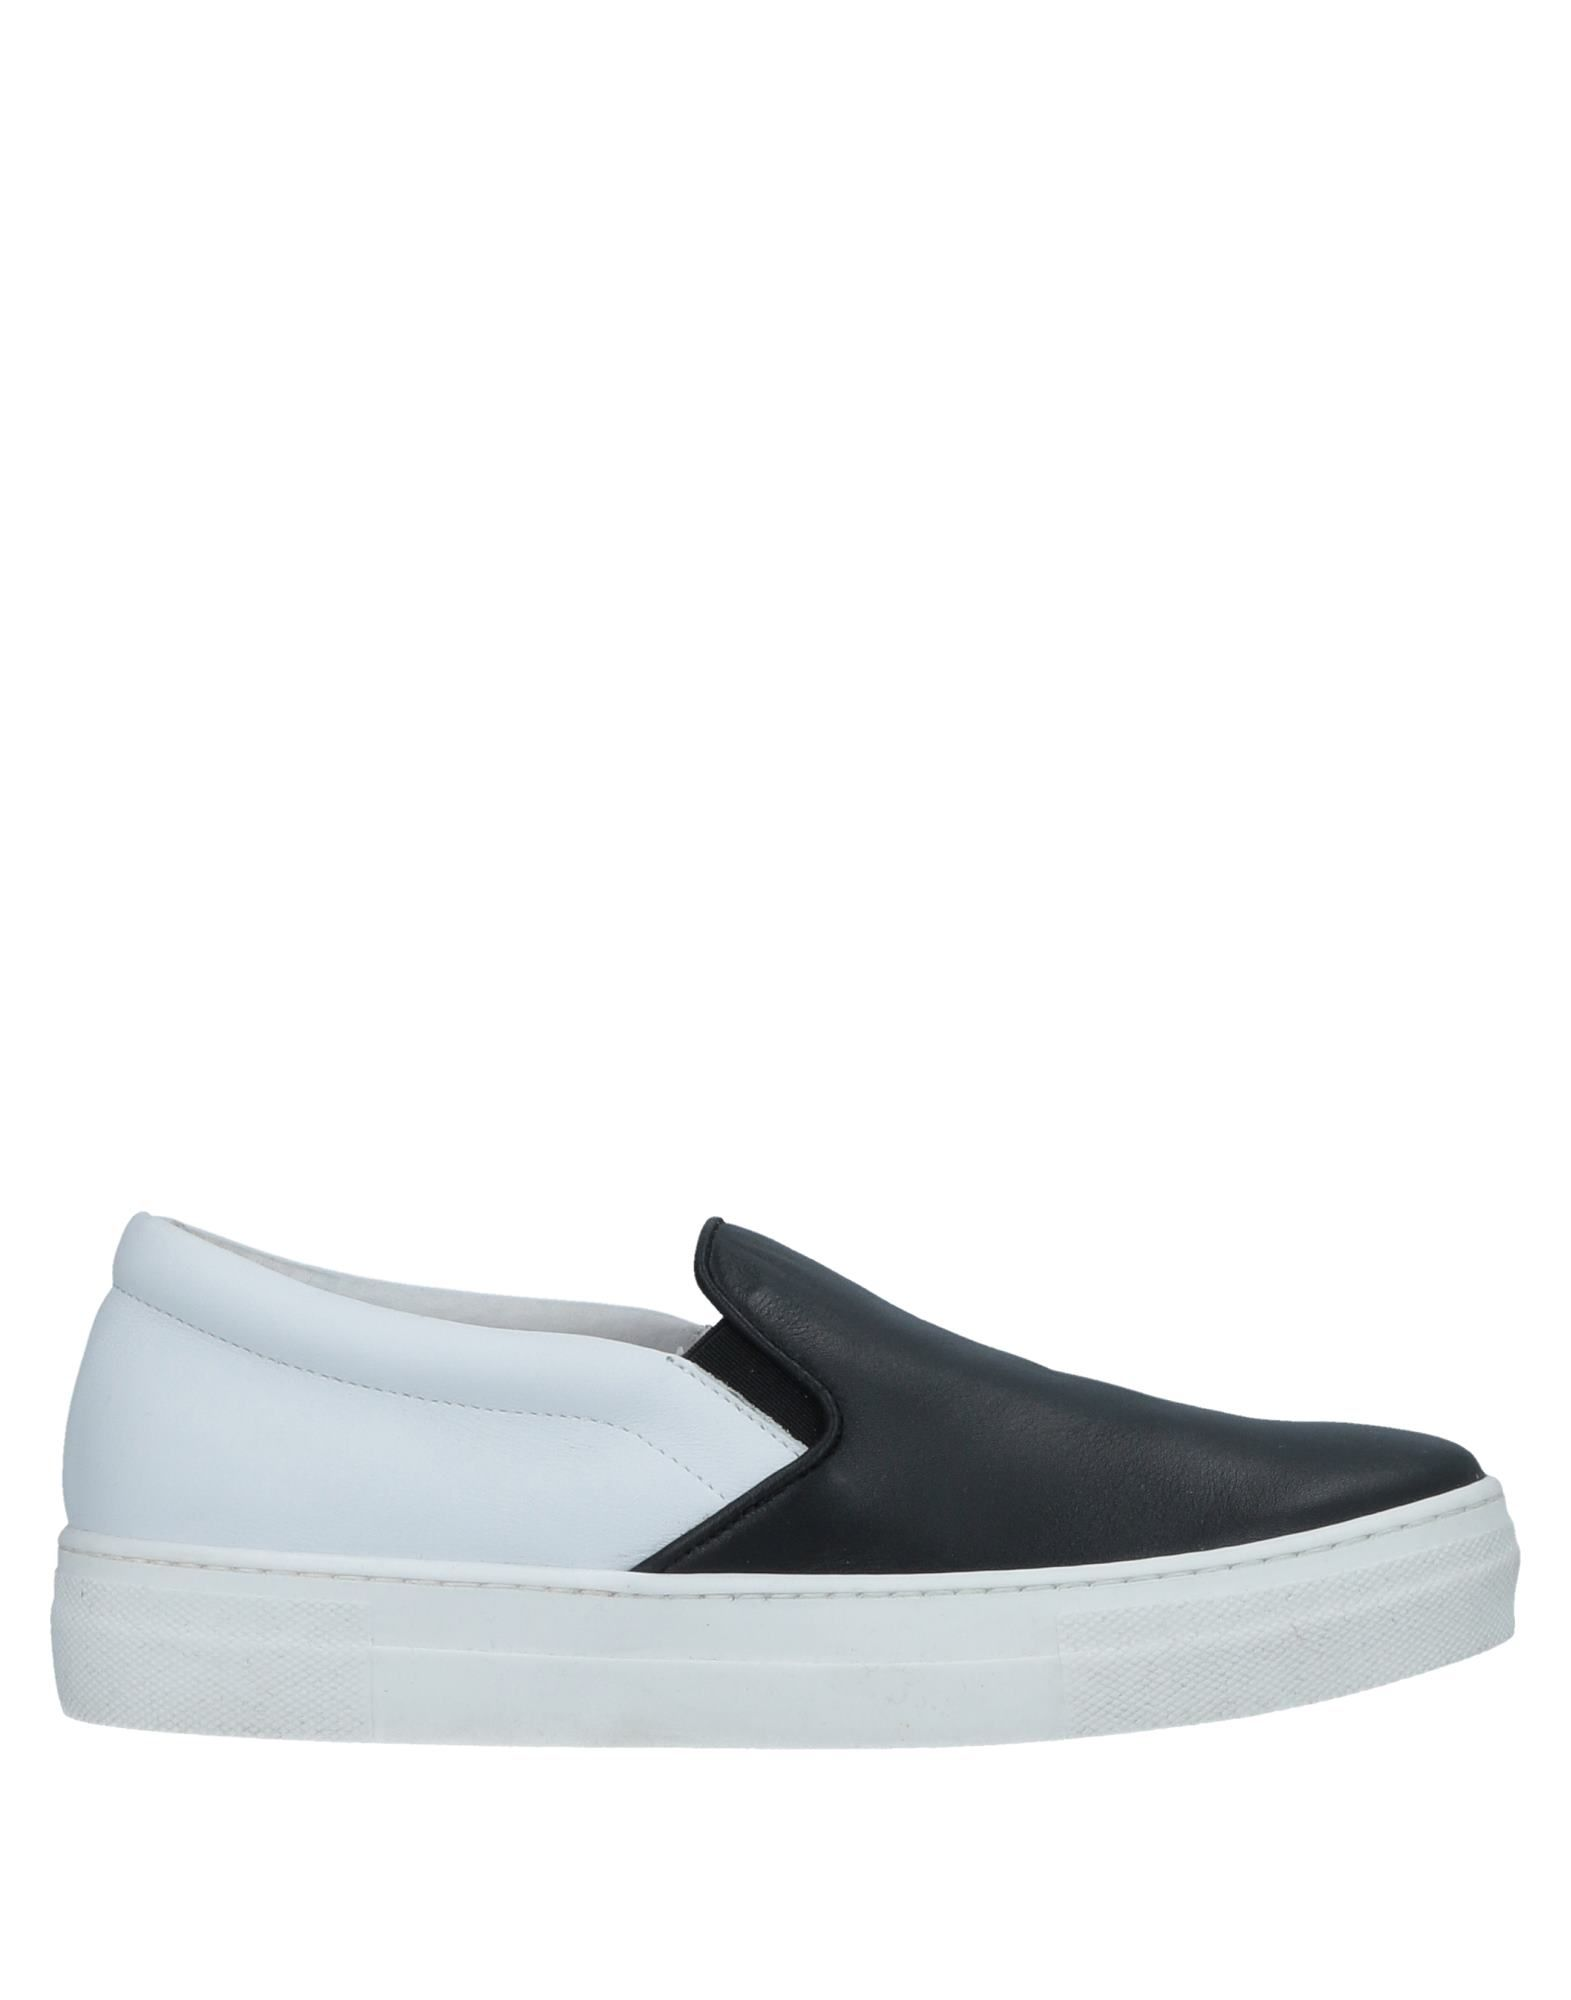 Baskets Liviana Conti Femme - Baskets Liviana Conti Noir Dernières chaussures discount pour hommes et femmes